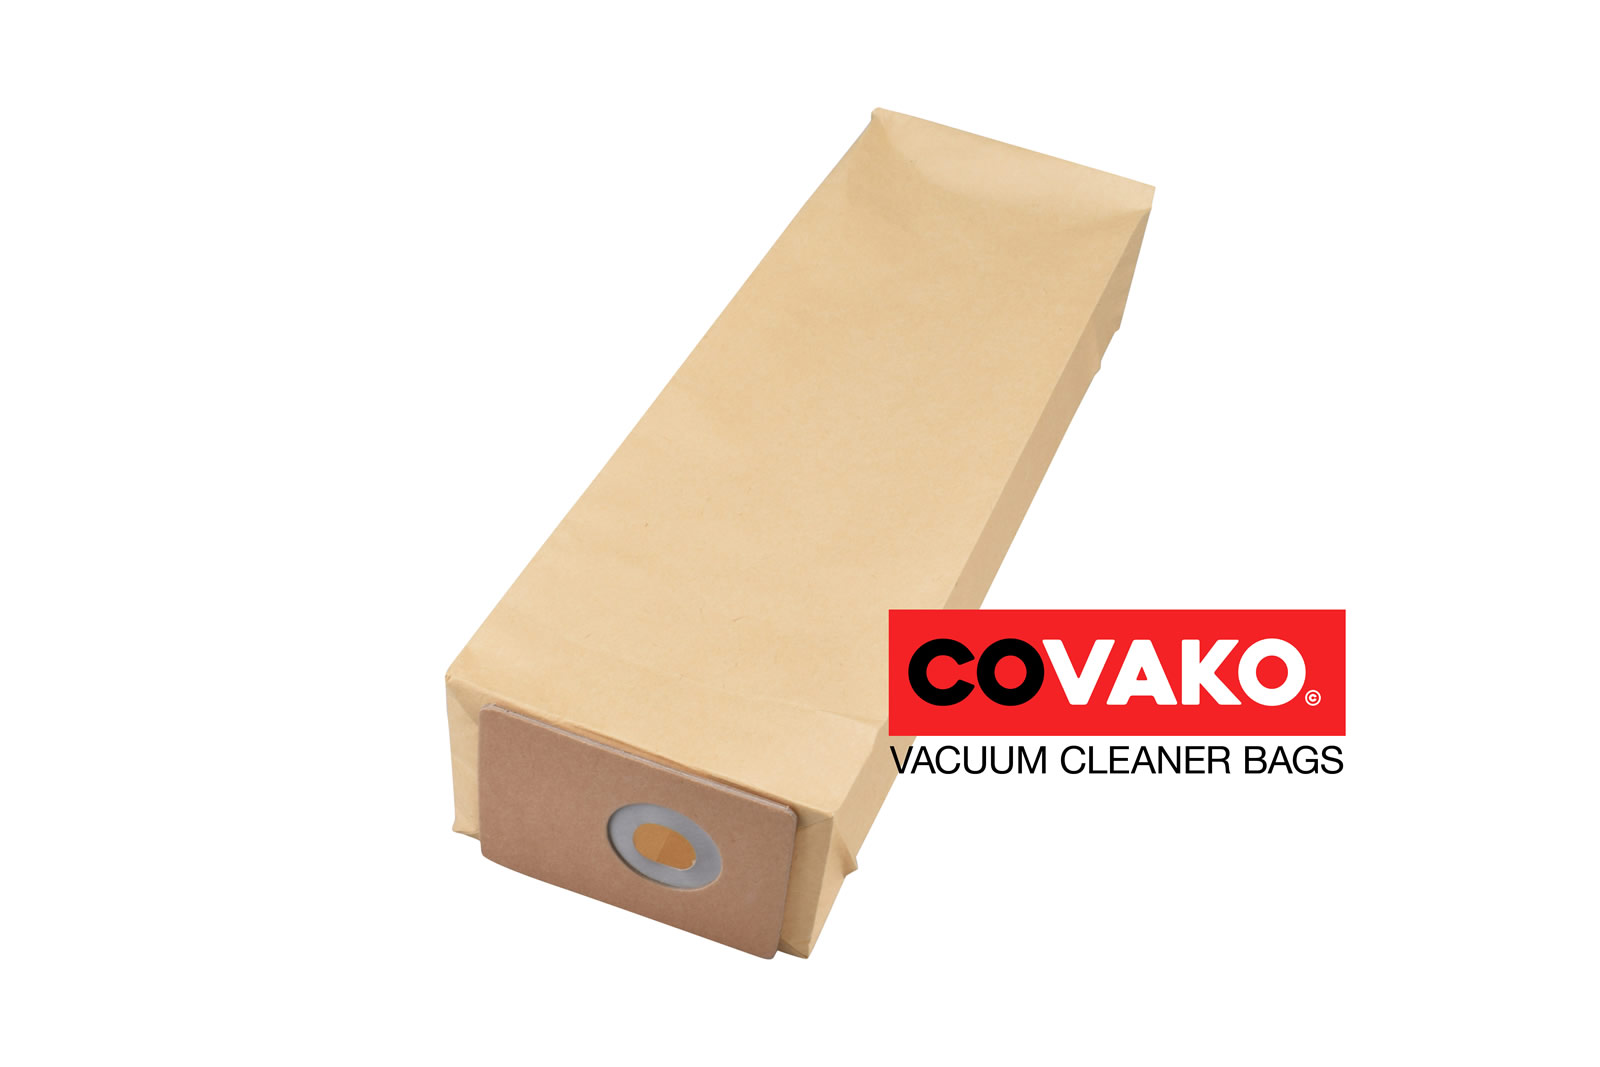 Wap GU 15 DMU / Papier - Wap sacs d'aspirateur